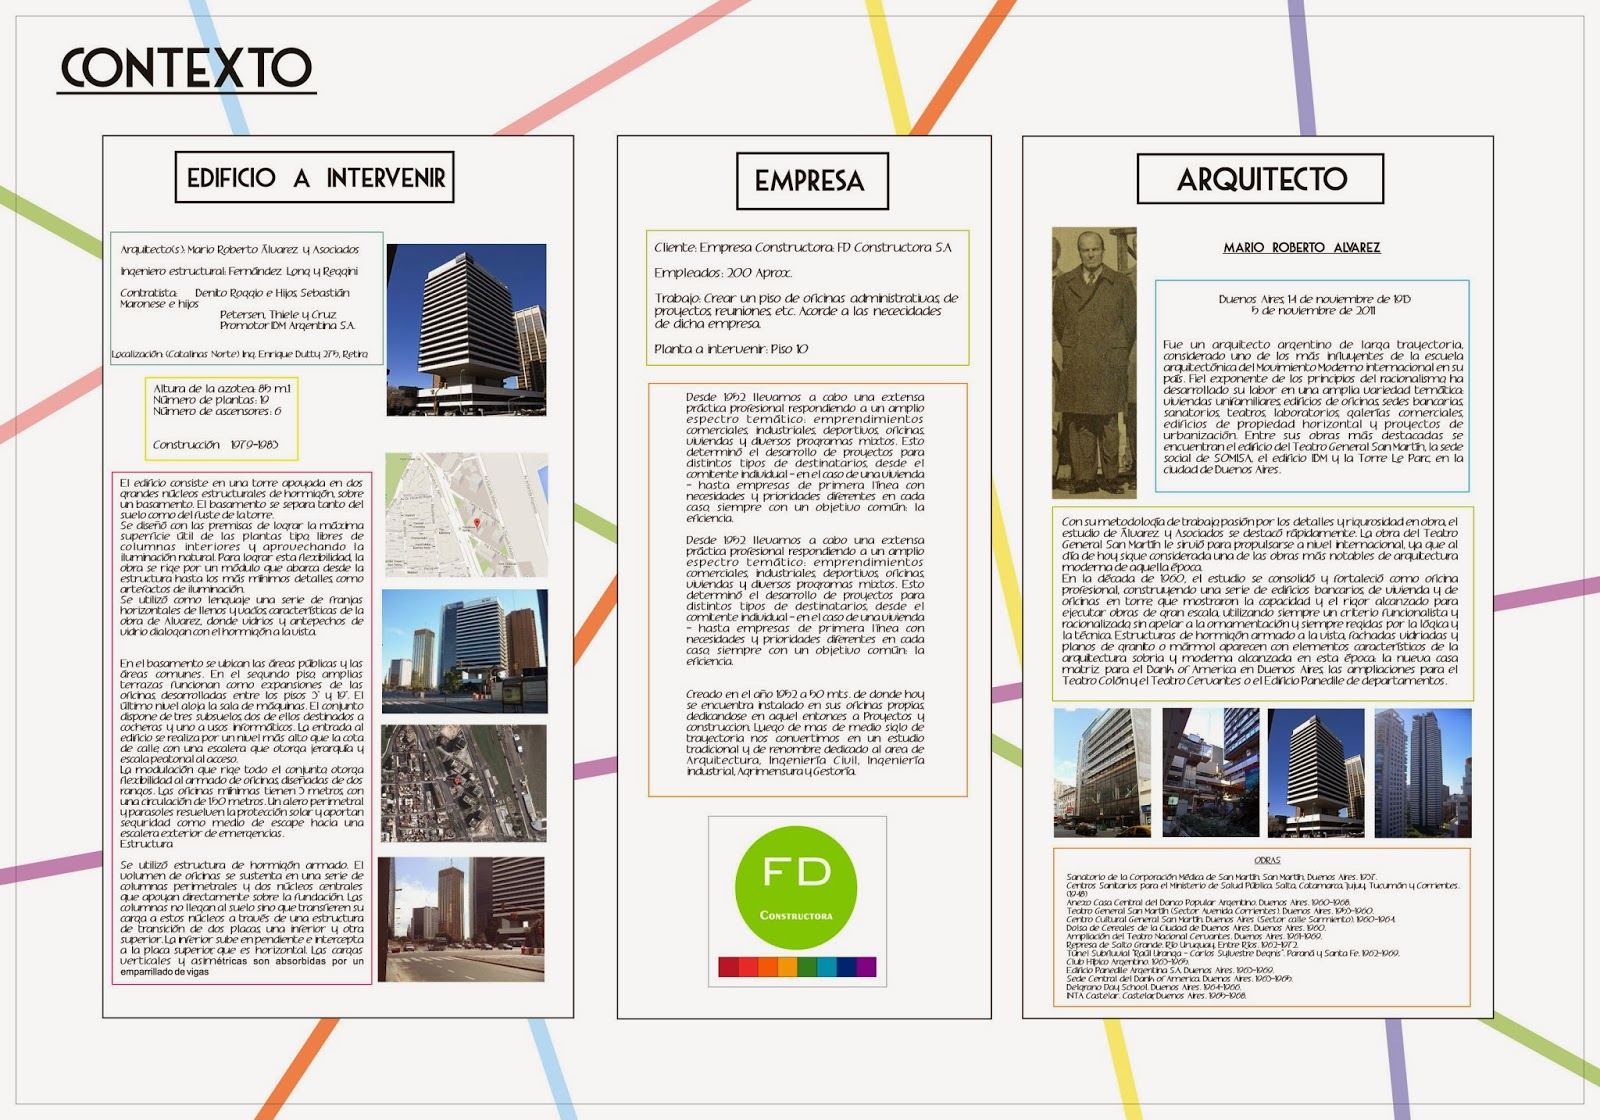 Dise o de interiores 5 desarrollo de diferentes propuestas - Paginas de diseno de interiores ...